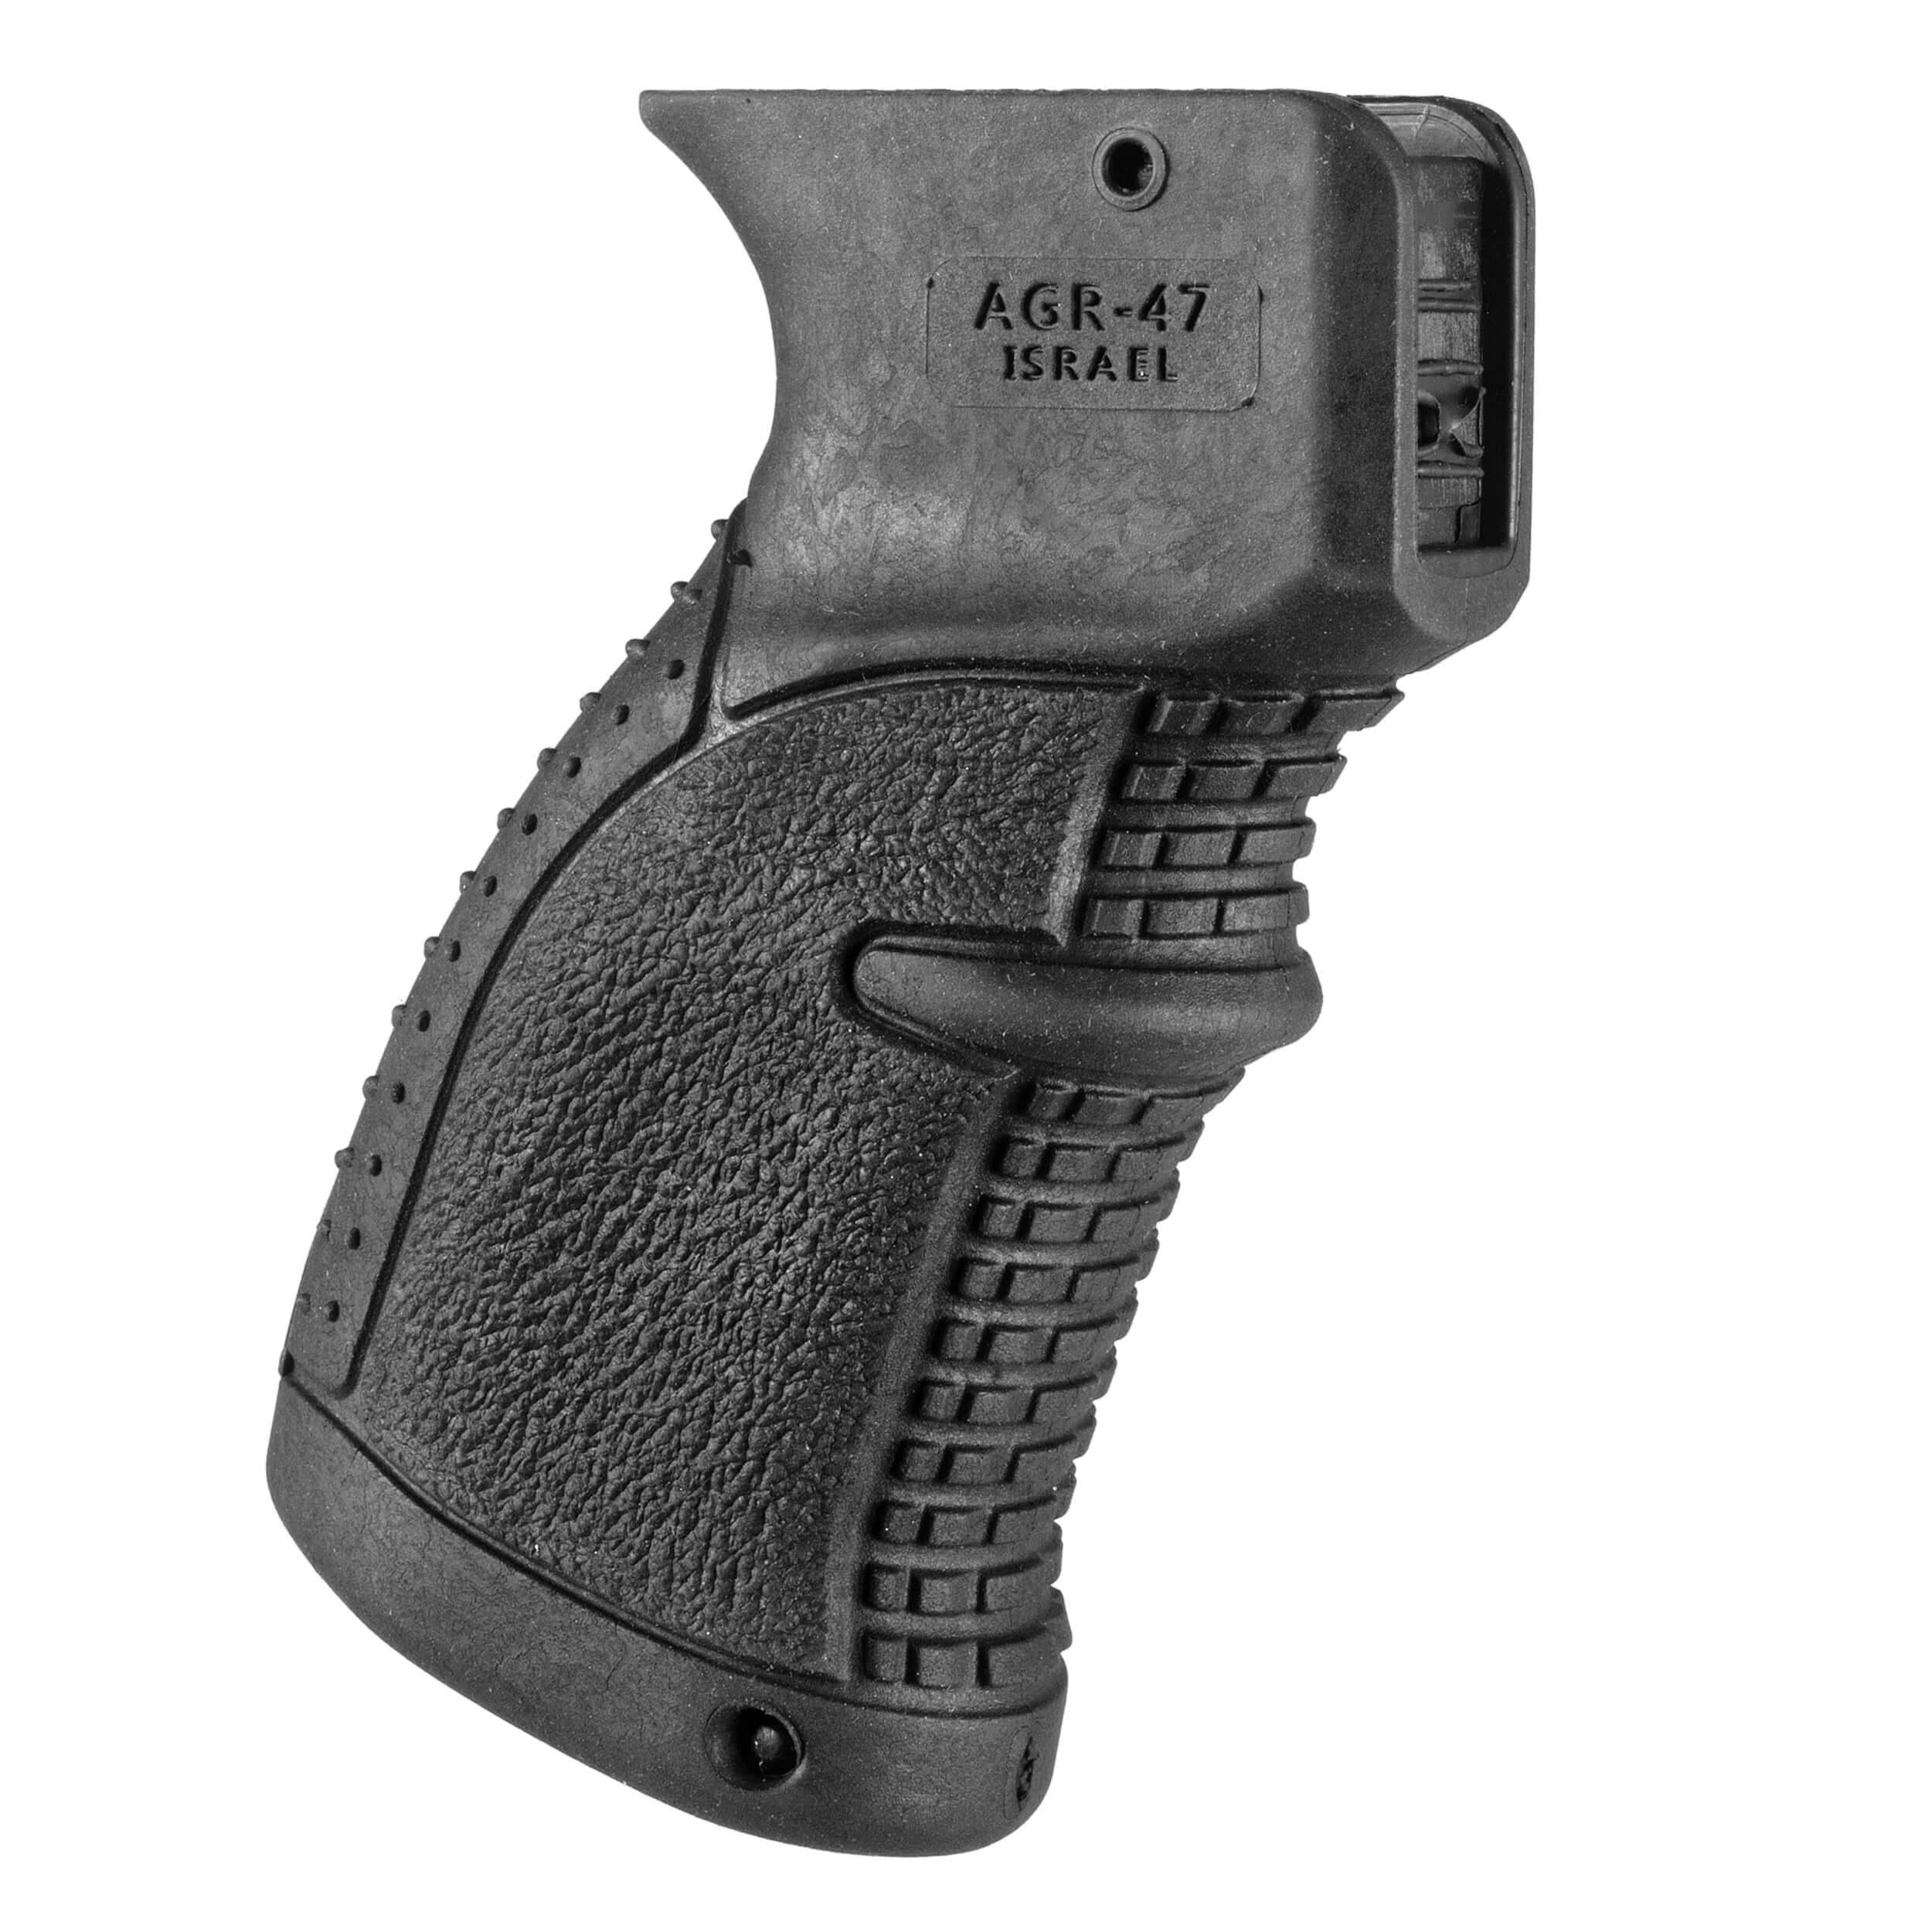 AGR-47 Rubberized Pistol Grip for AK-47 / 74